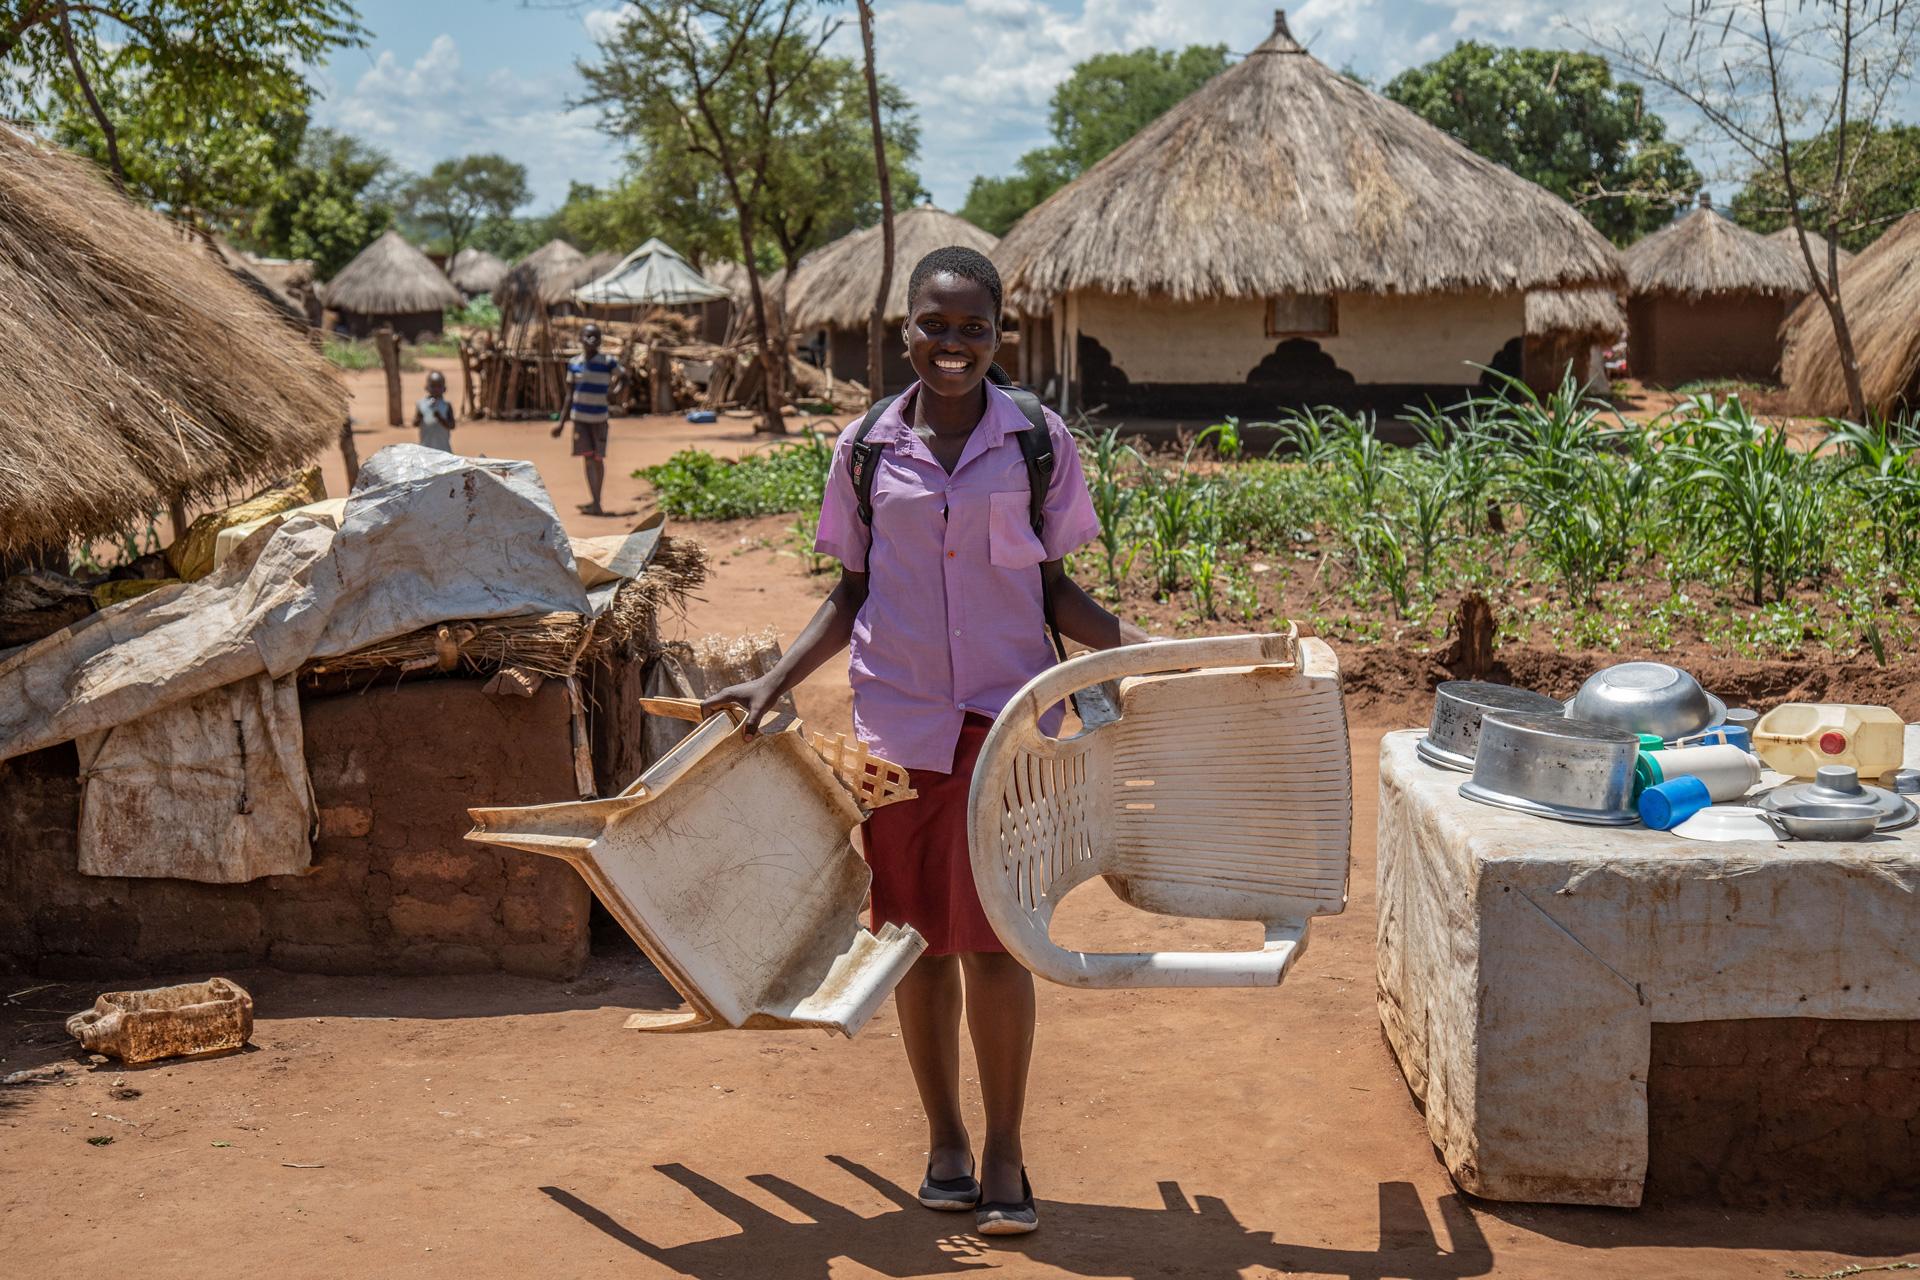 Eteläsudanilainen Samia tuo vieraille tuoleja kotinsa pihalla Bidibidin pakolaisasutusalueella